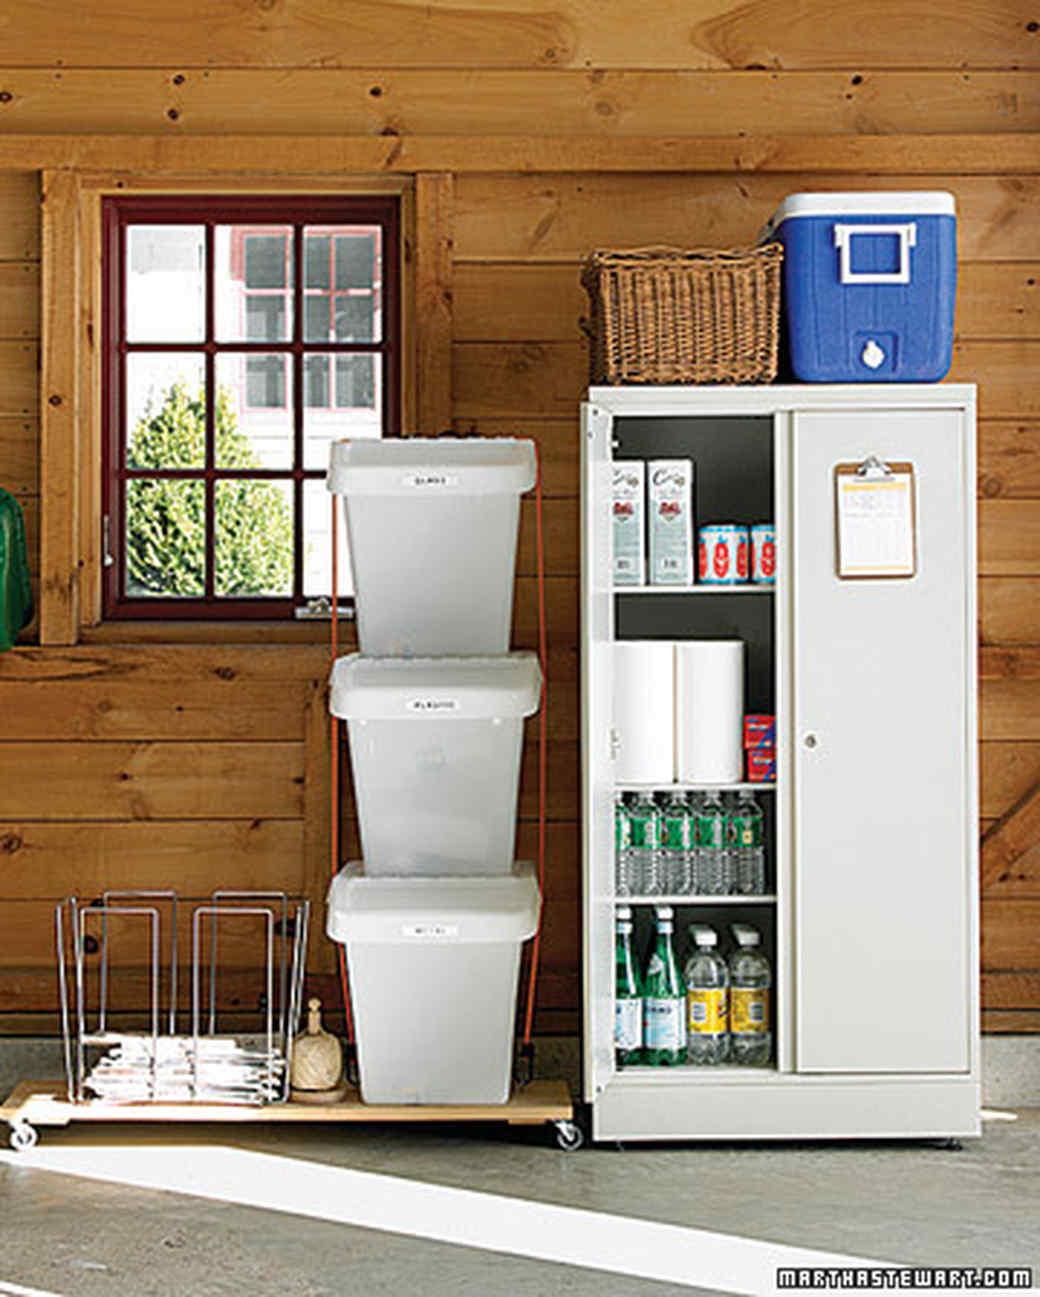 mld102980_0607_recycle.jpg